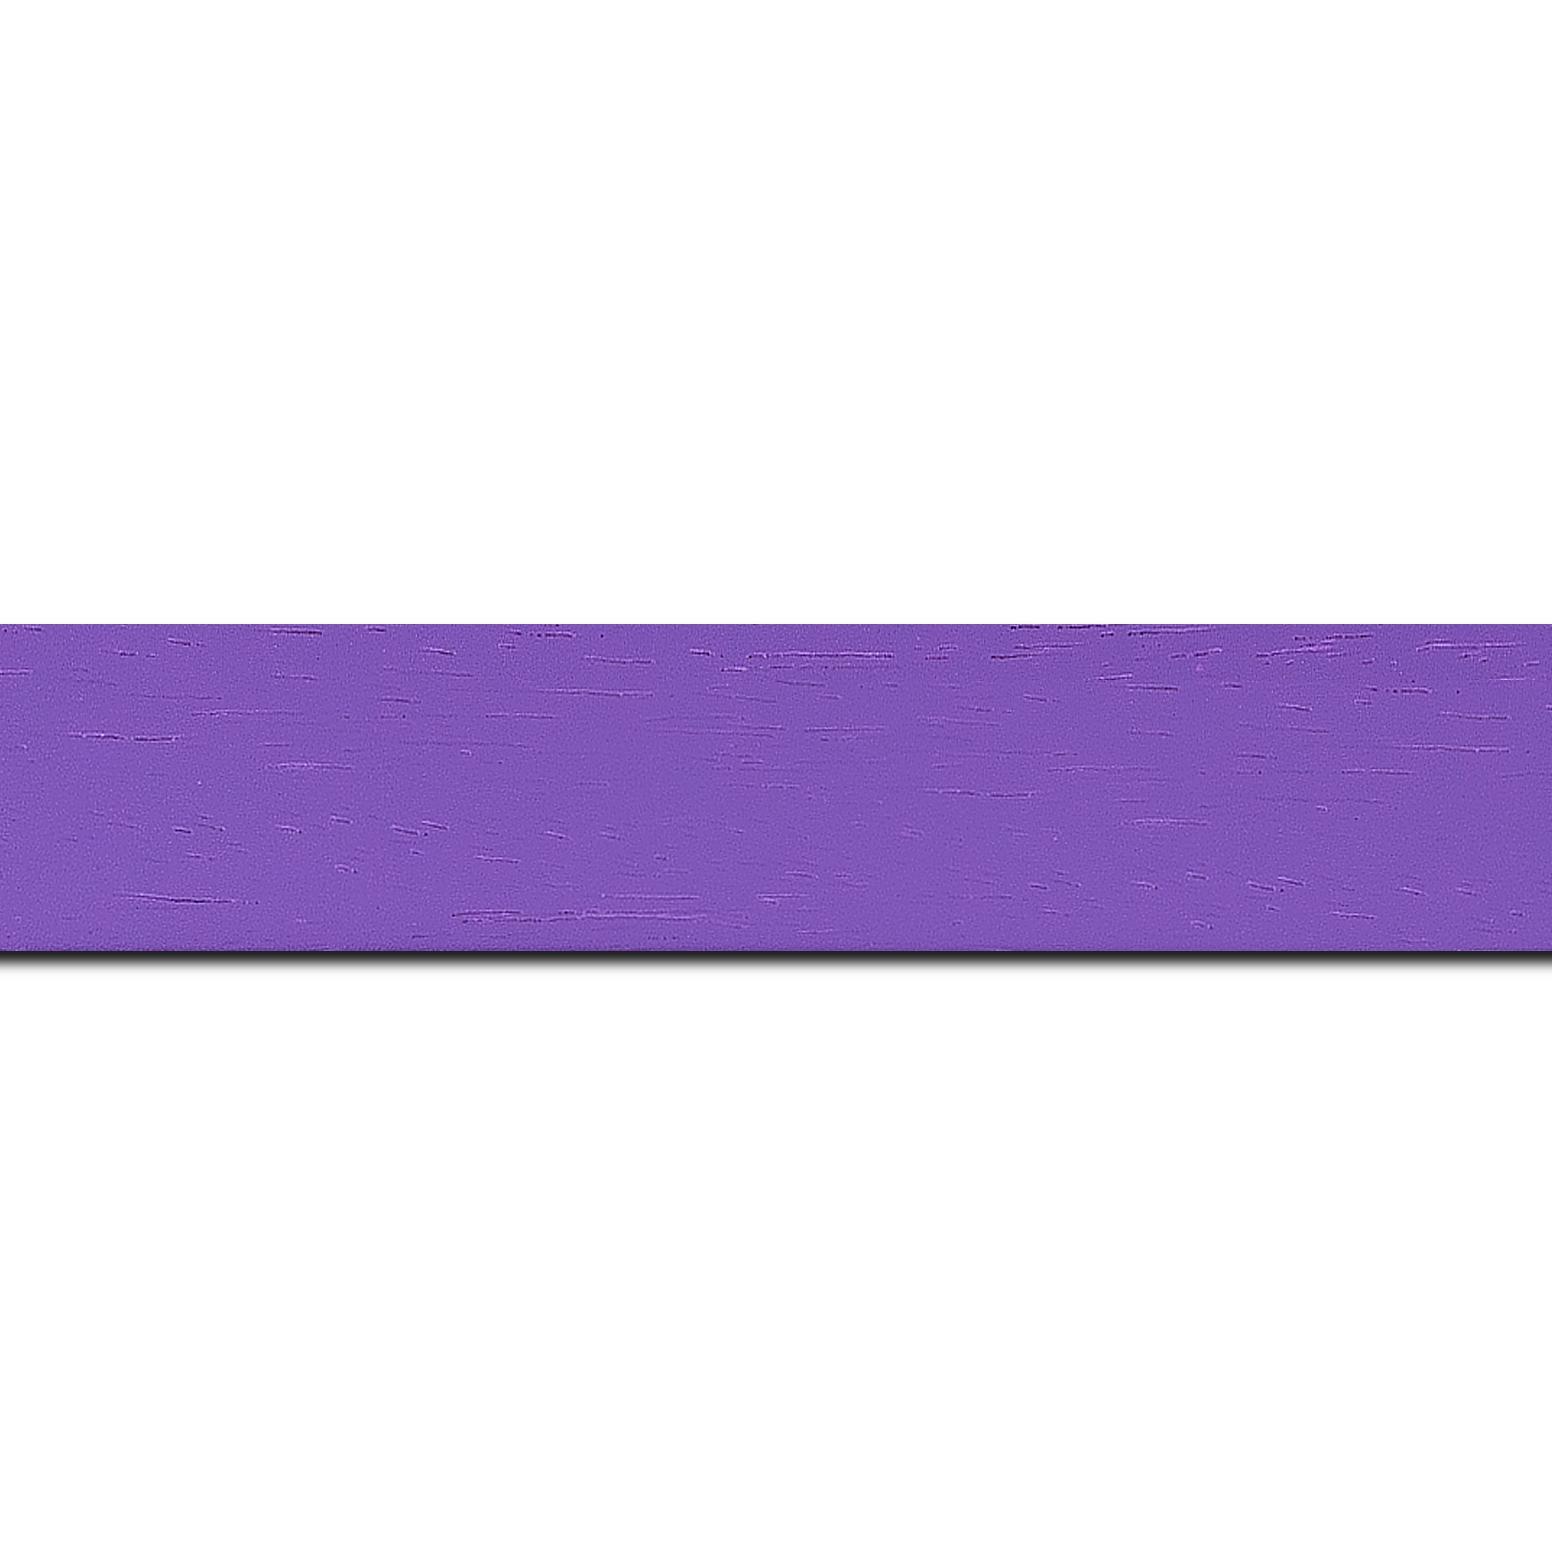 Pack par 12m, bois profil plat largeur 3cm couleur violet satiné (longueur baguette pouvant varier entre 2.40m et 3m selon arrivage des bois)